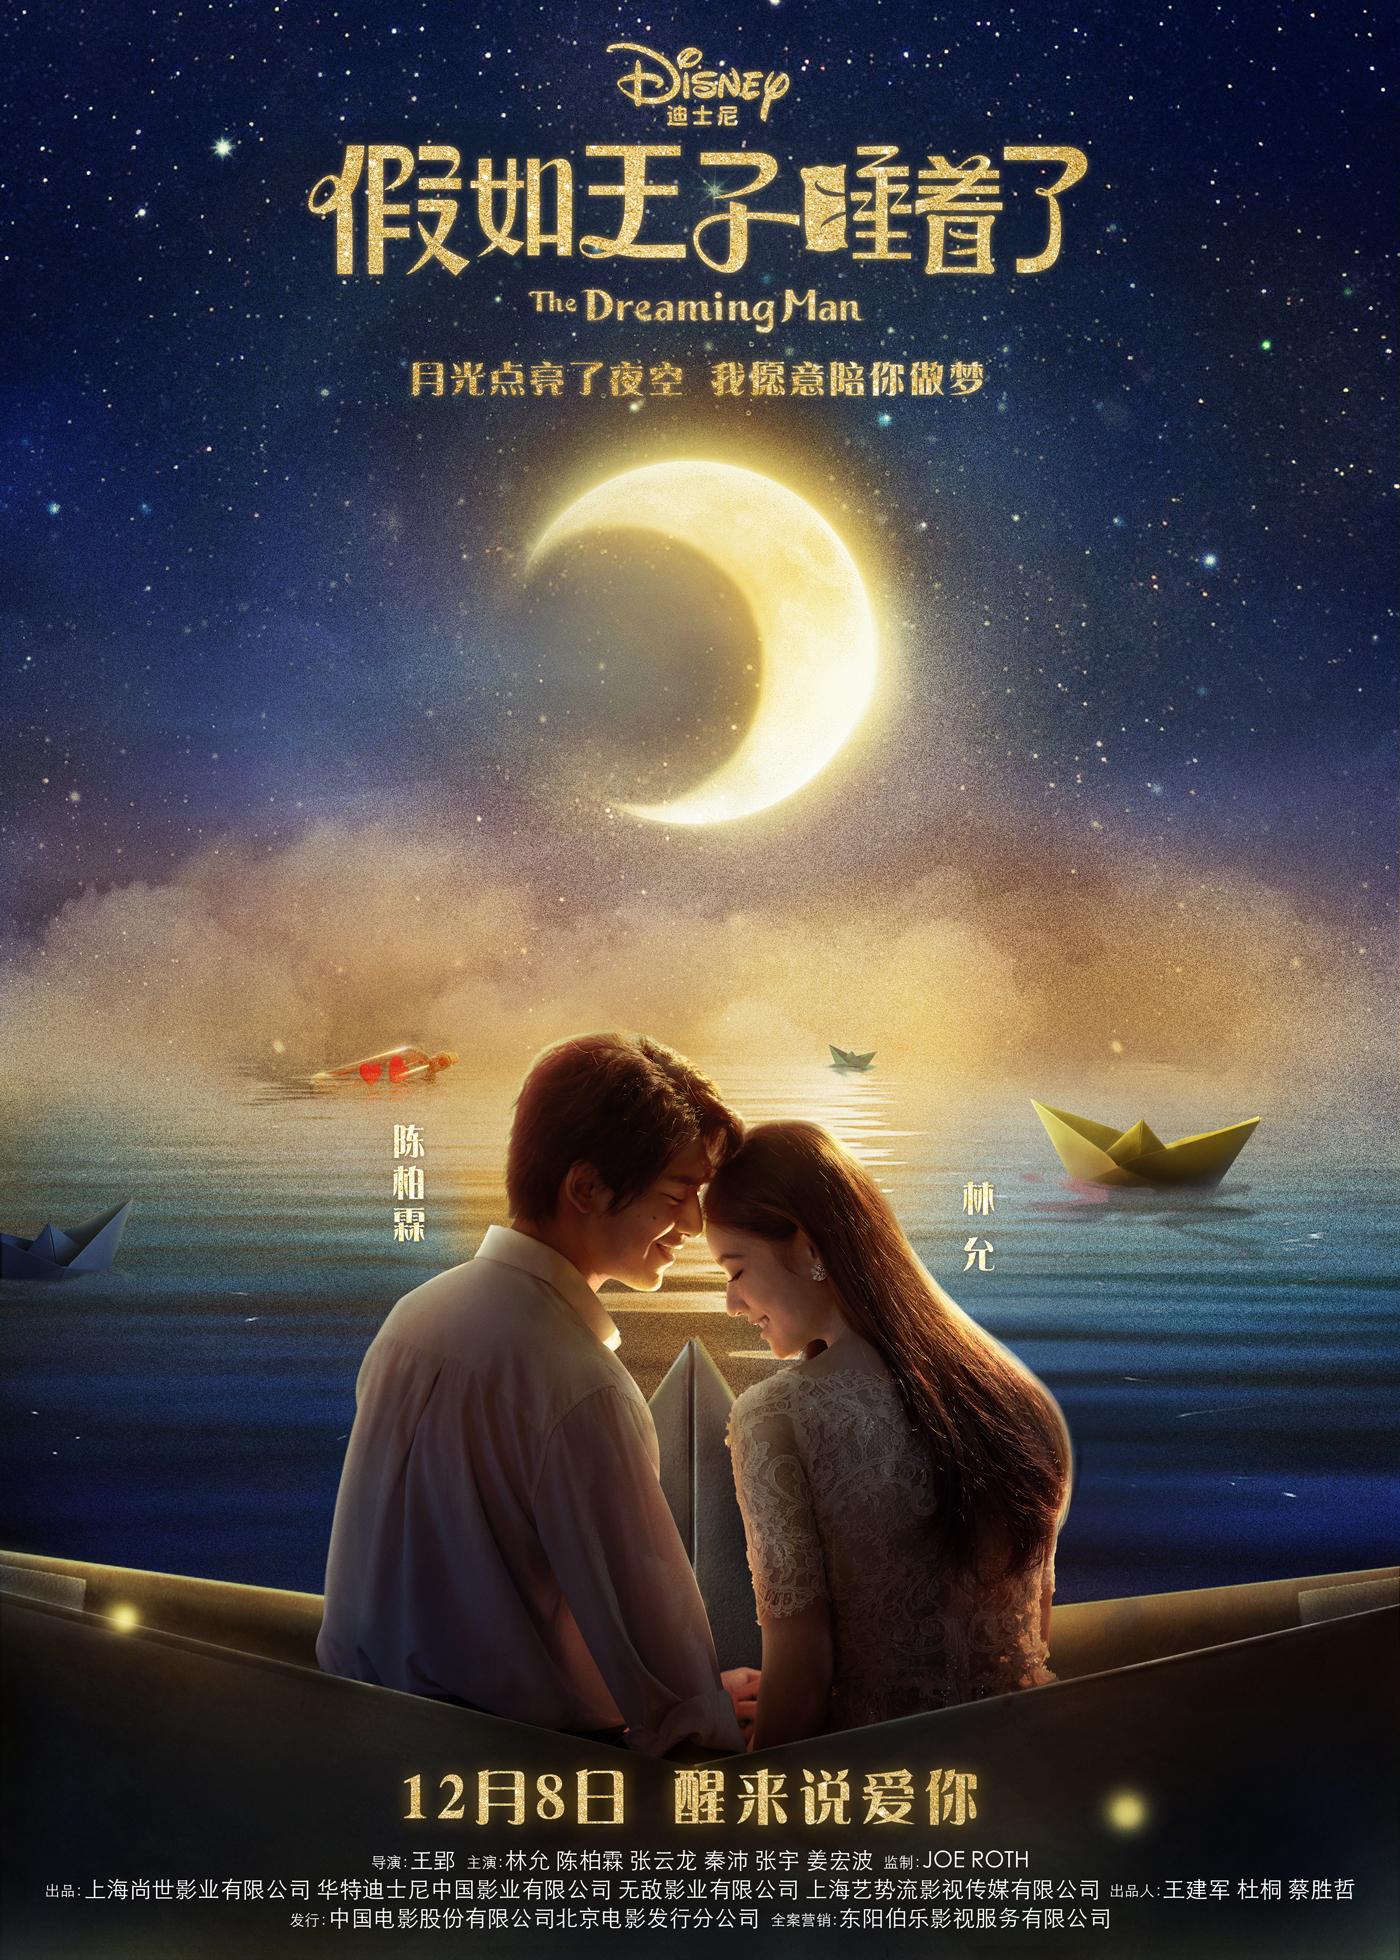 2017 中国《假如王子睡着了》迪士尼首部华语爱情电影